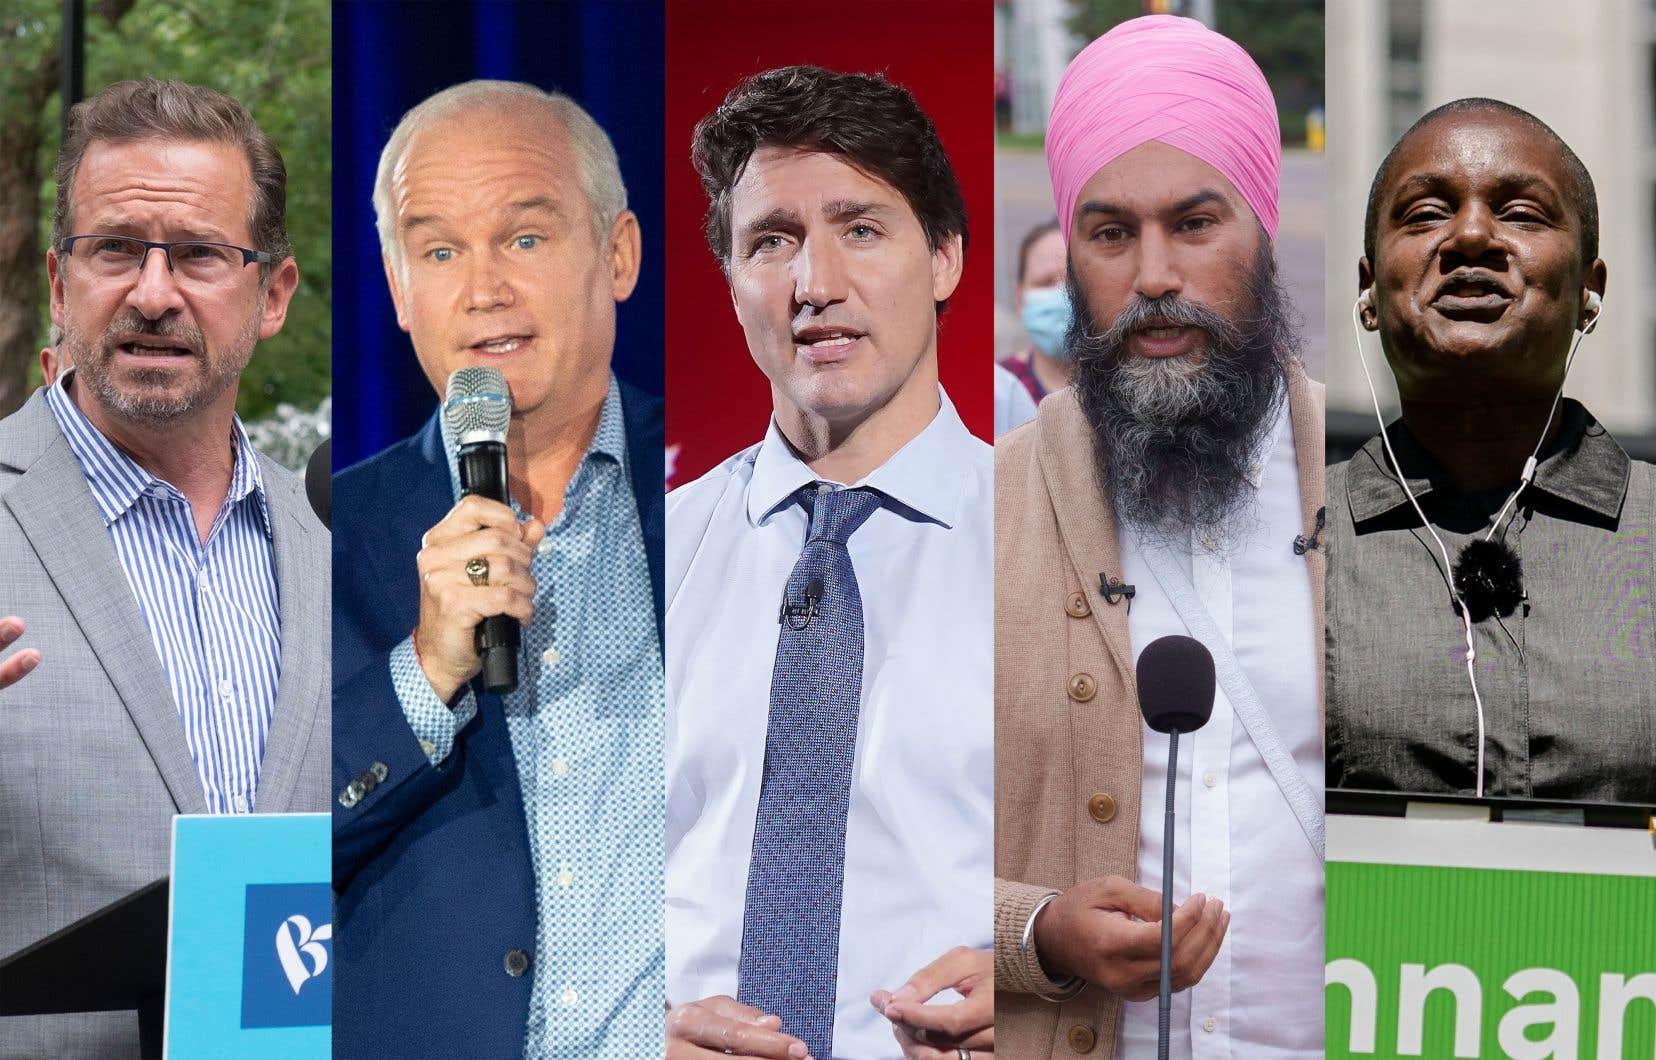 Il s'agit du troisième rendez-vous télévisé francophone de cette campagne électorale.